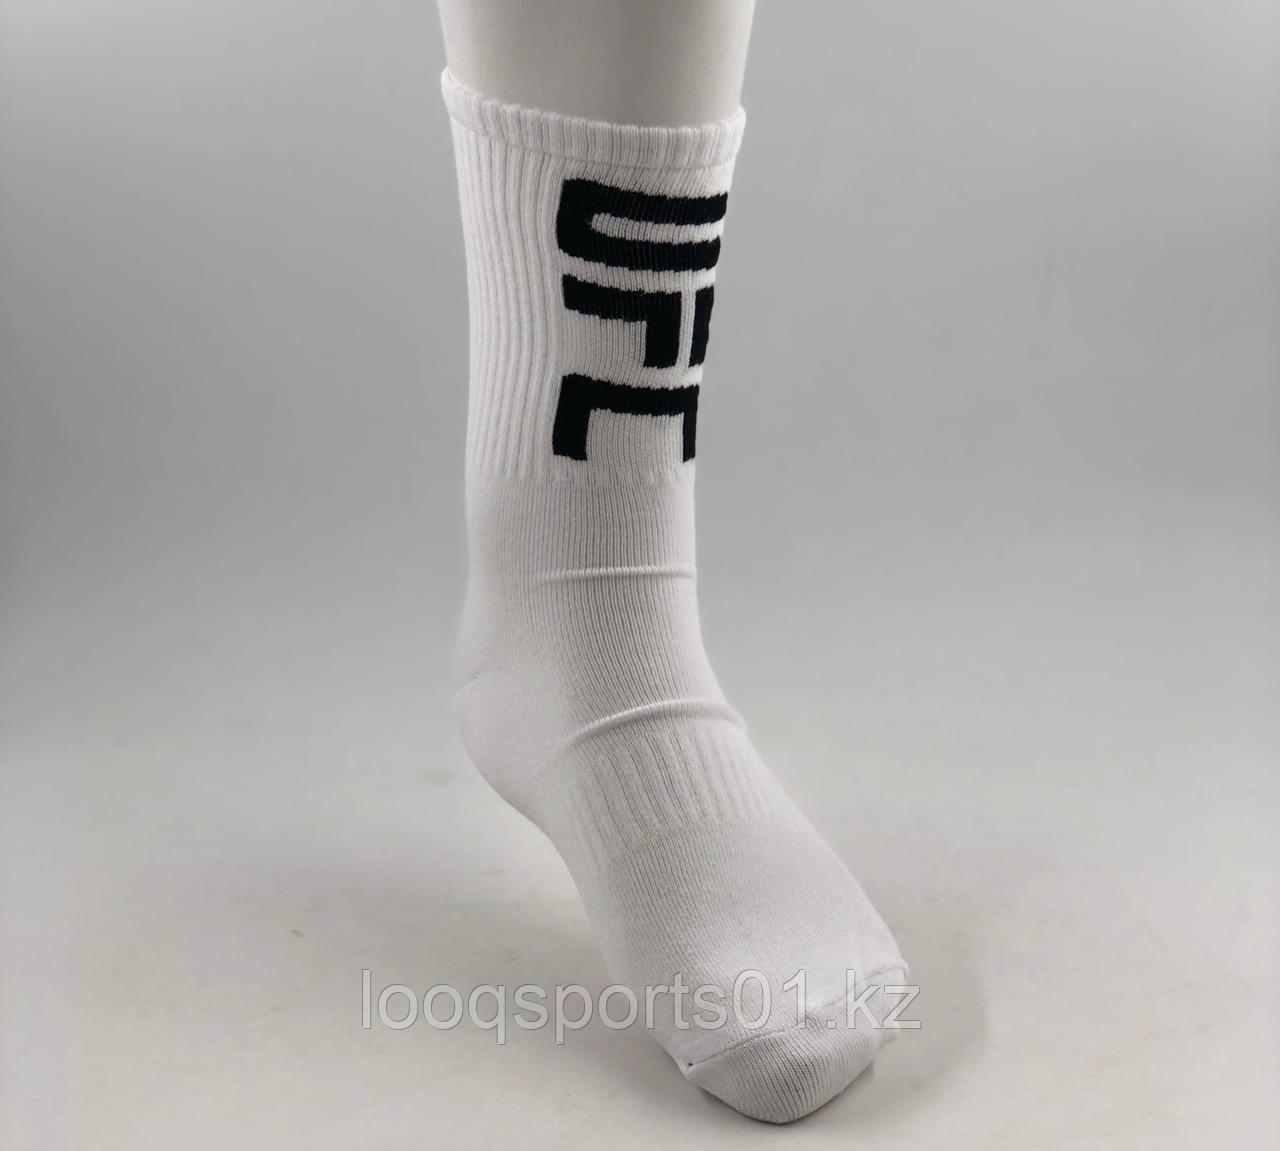 Спортивные носки под борцовки, UFC белые